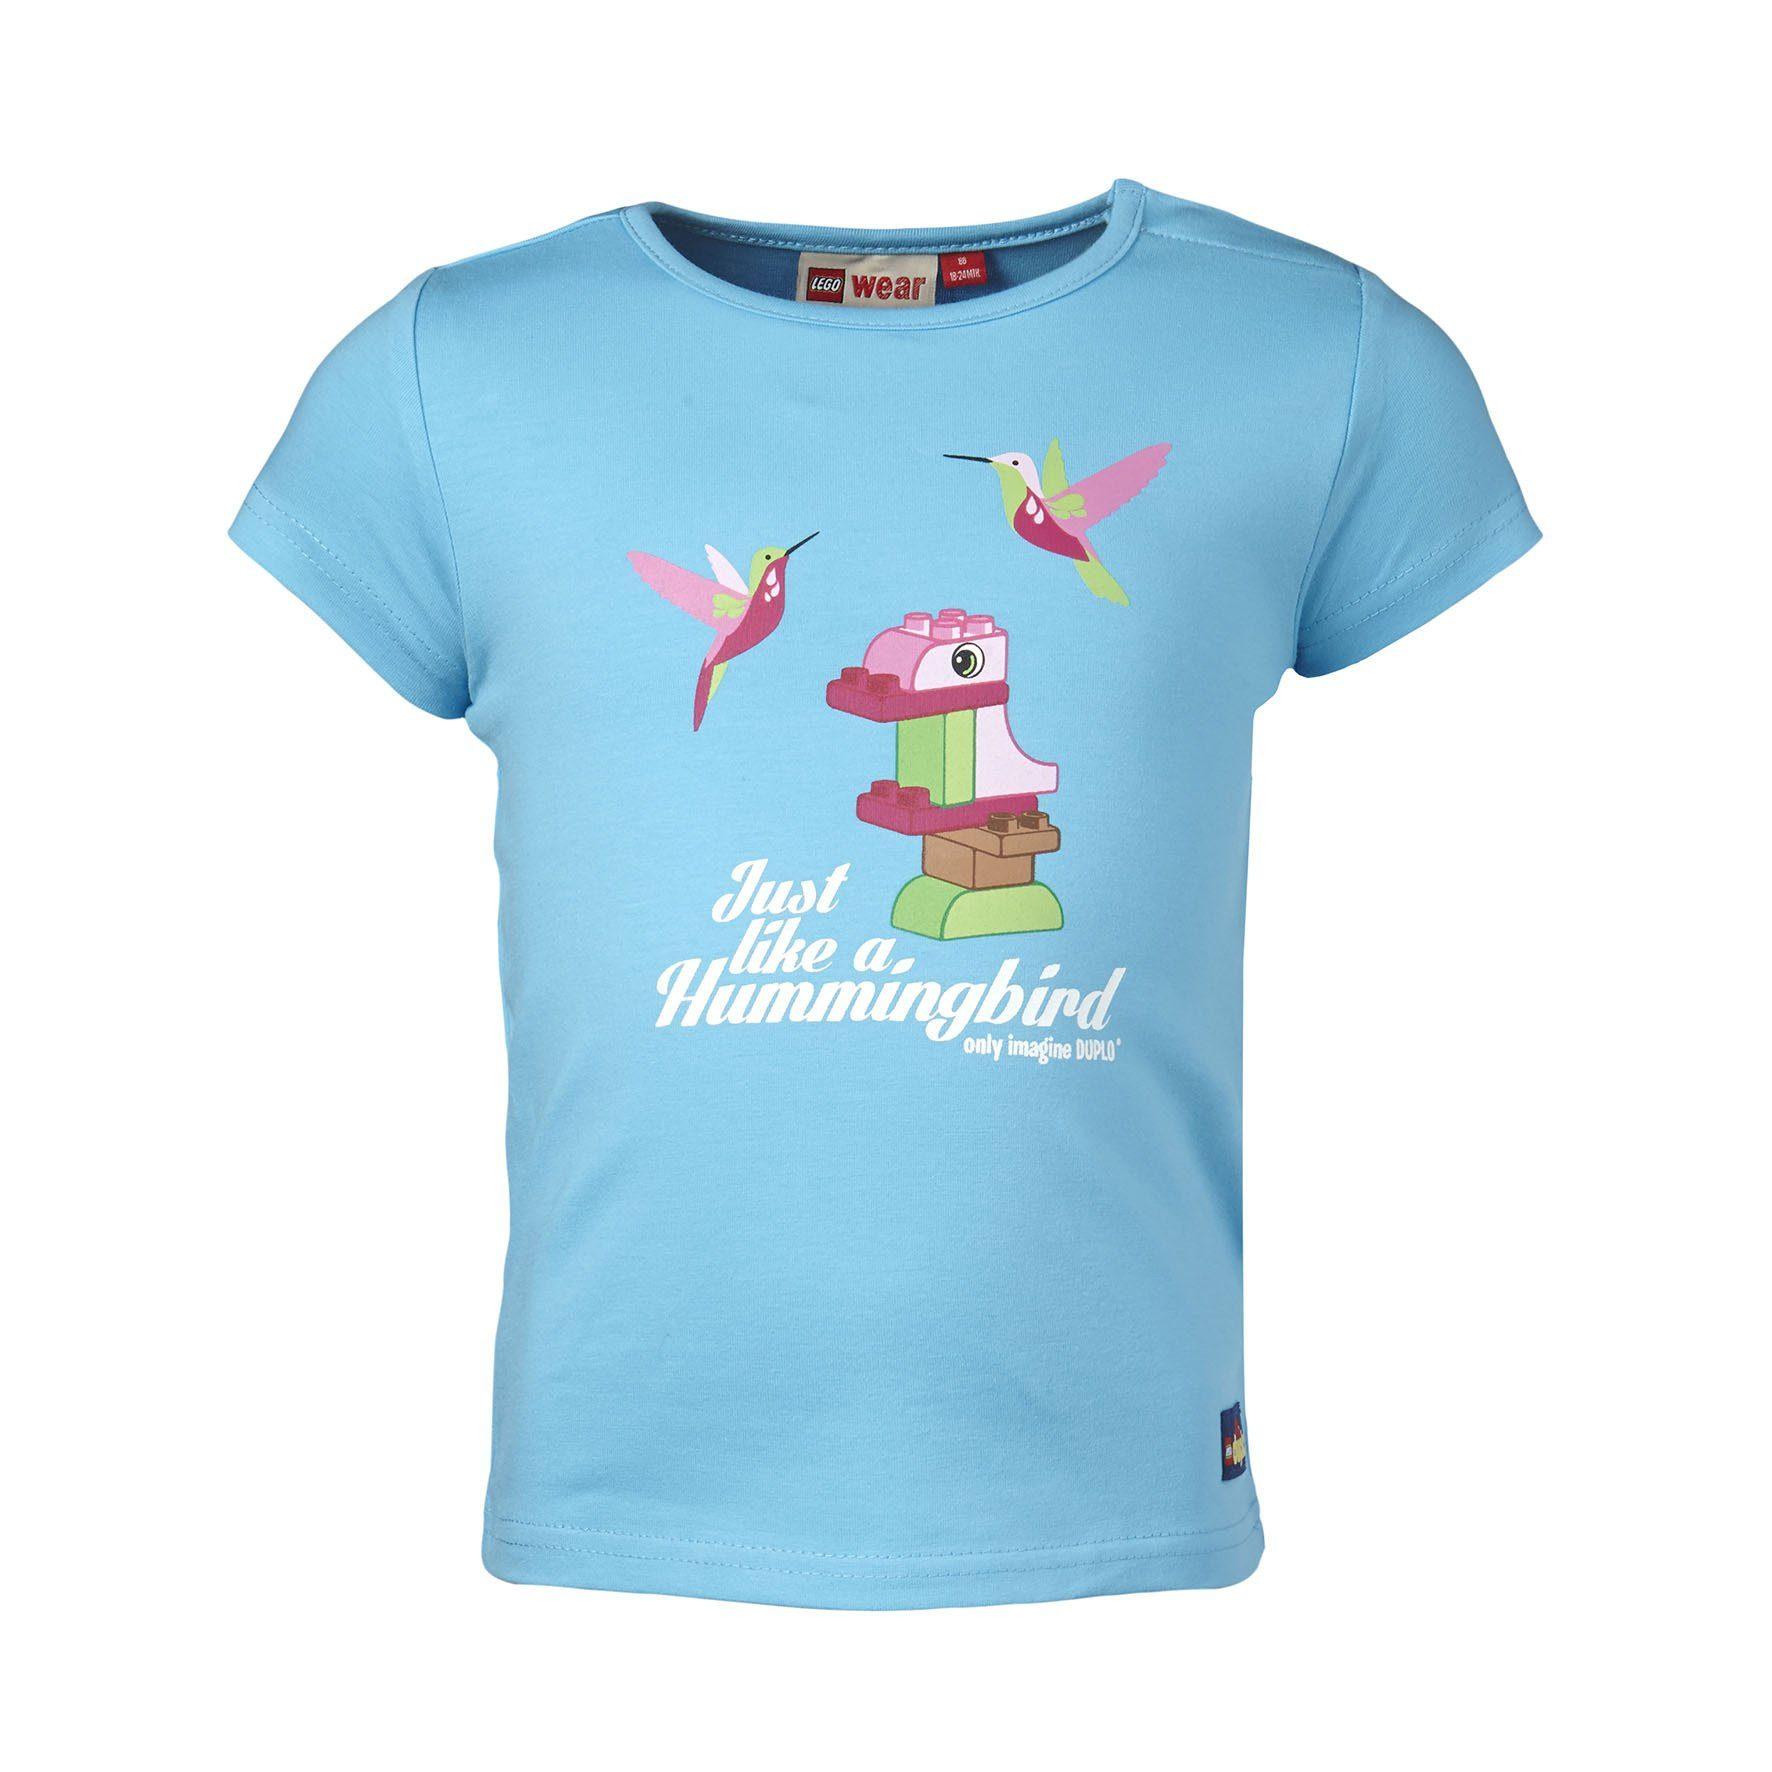 """LEGO Wear Duplo T-Shirt """"Just lika a Hummingbird"""" Shirt Tina kurzarm"""